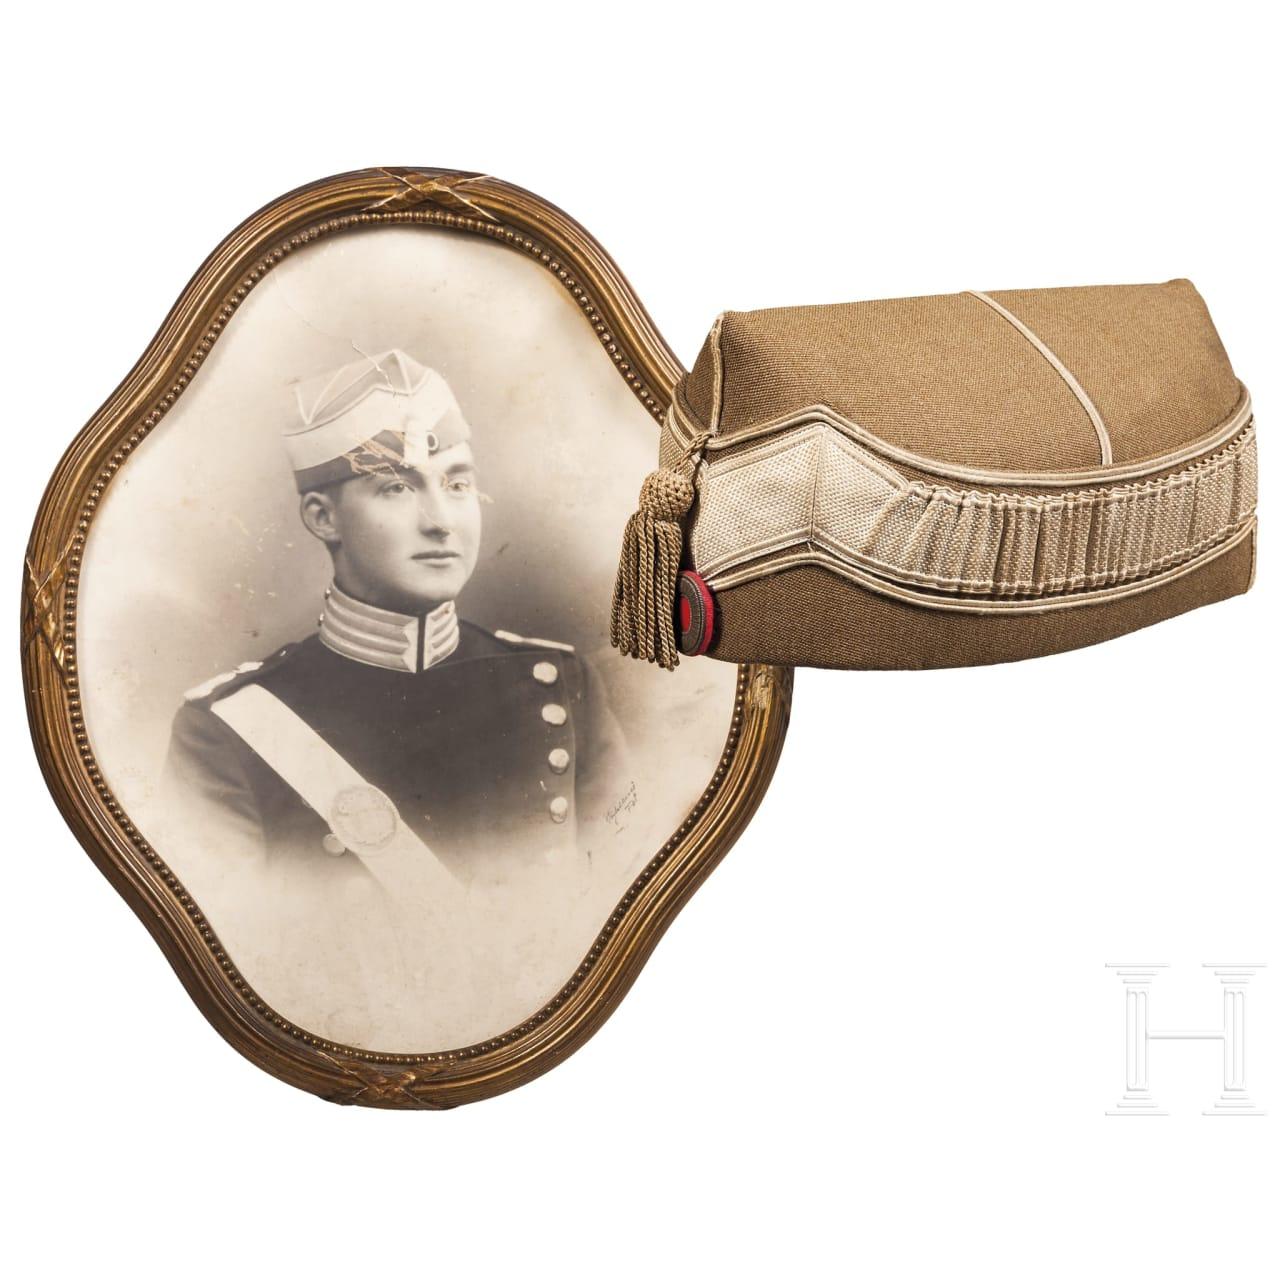 Beneluxstaaten - Kopfbedeckung für einen Kavalleristen, Trägerfoto im Rahmen